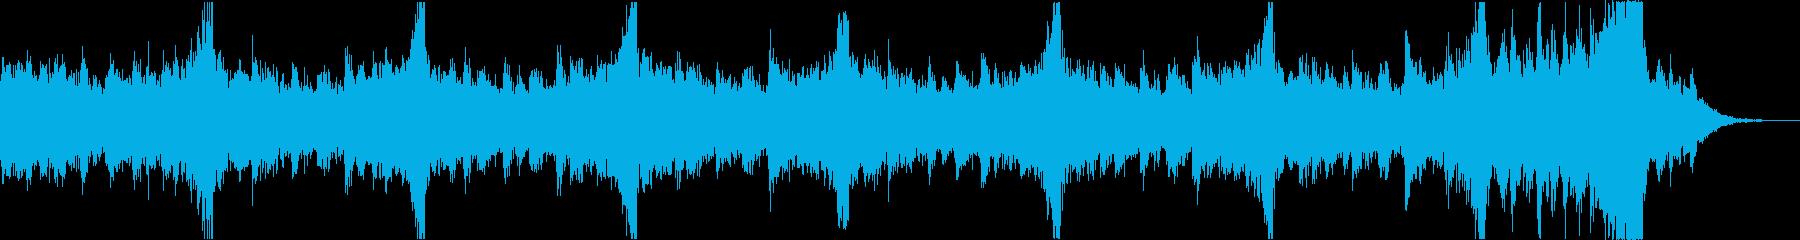 軽快おしゃれニューディスコエレクトロeの再生済みの波形